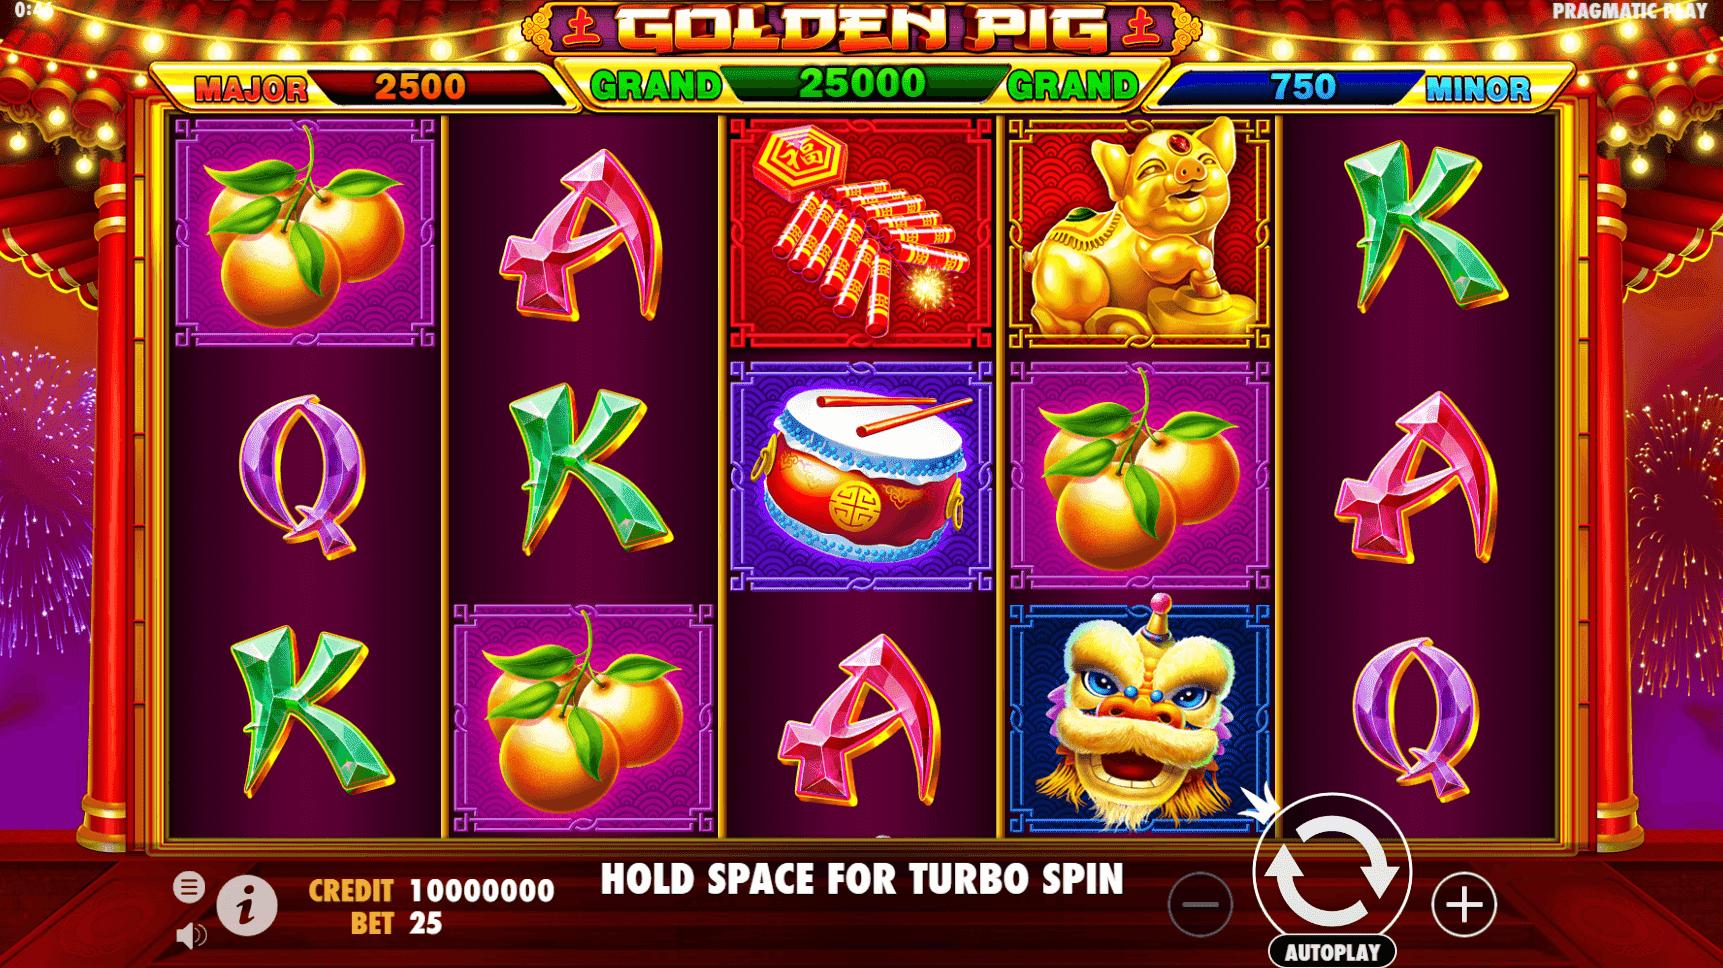 Pragmatic Play Online Casinos & Slot Machines